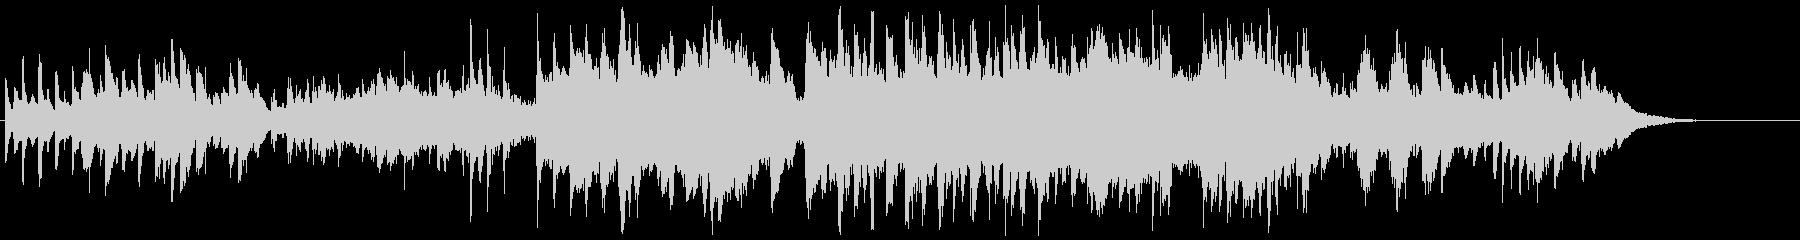 モーツアルトのようなピアノクインテットの未再生の波形